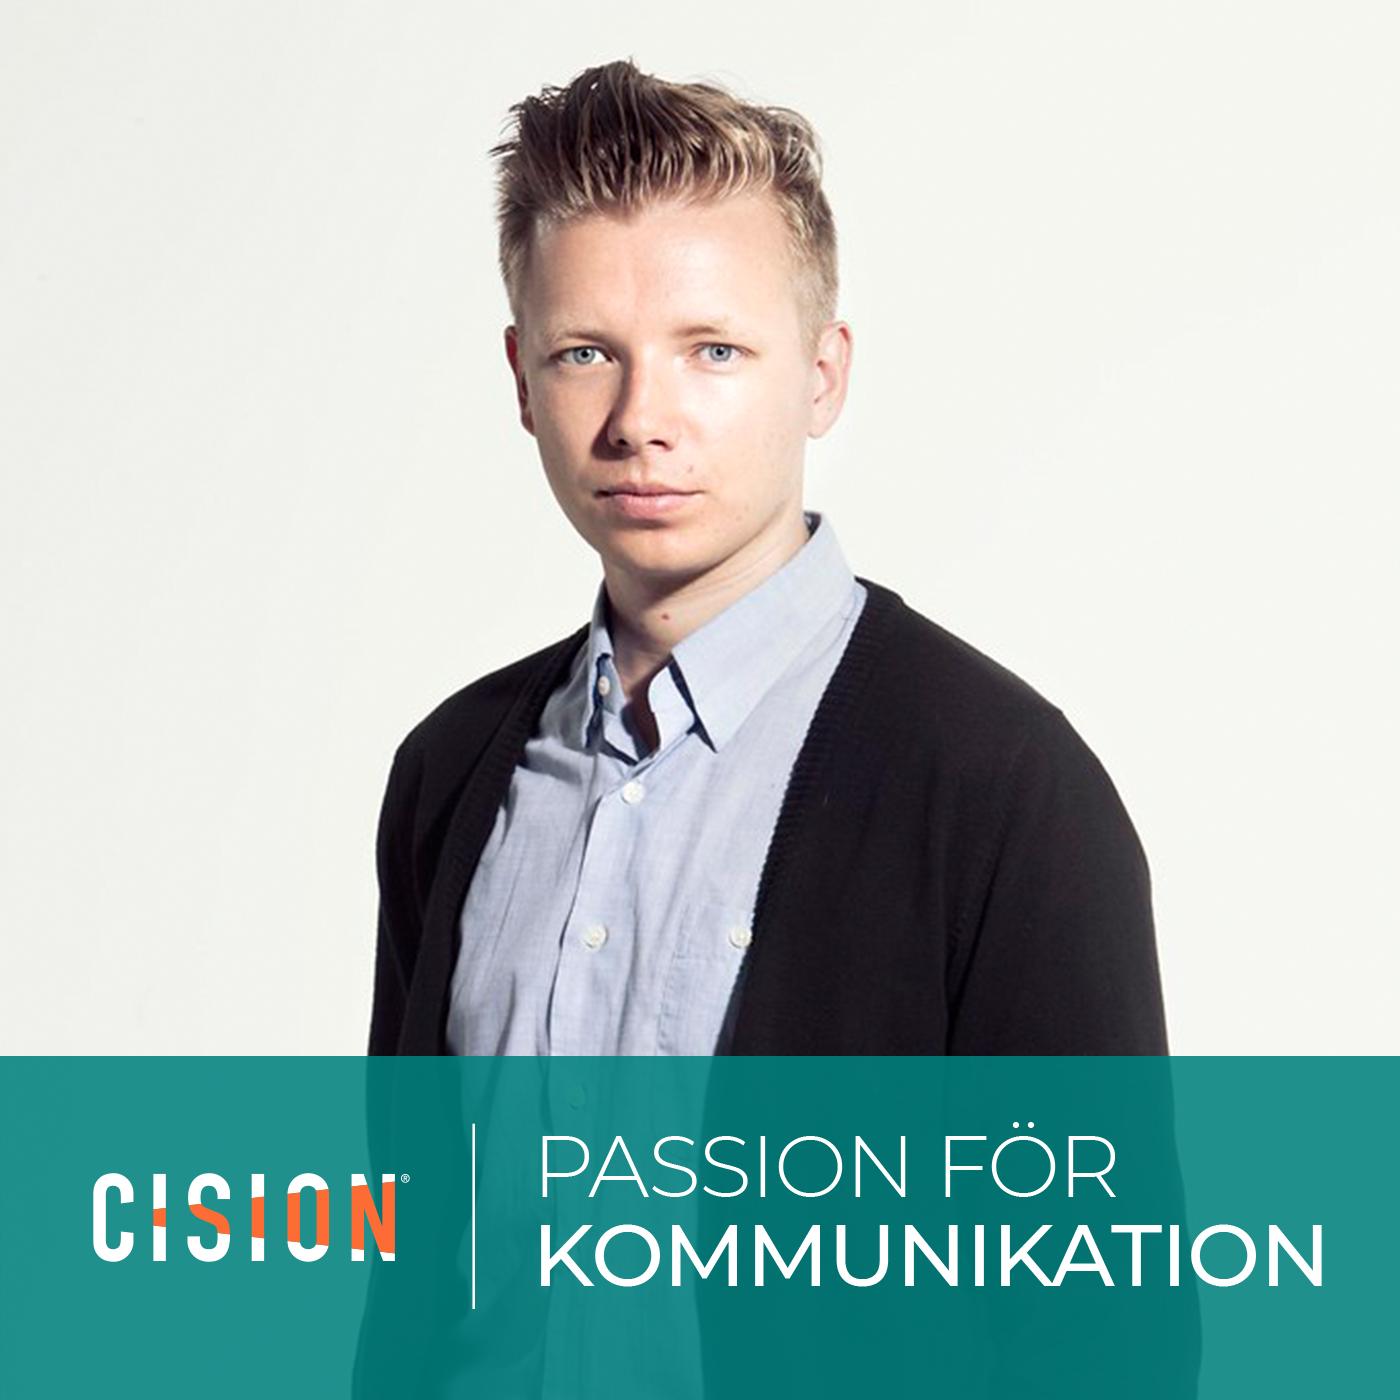 Sveriges mäktigaste i sociala medier med Emanuel Karlsten